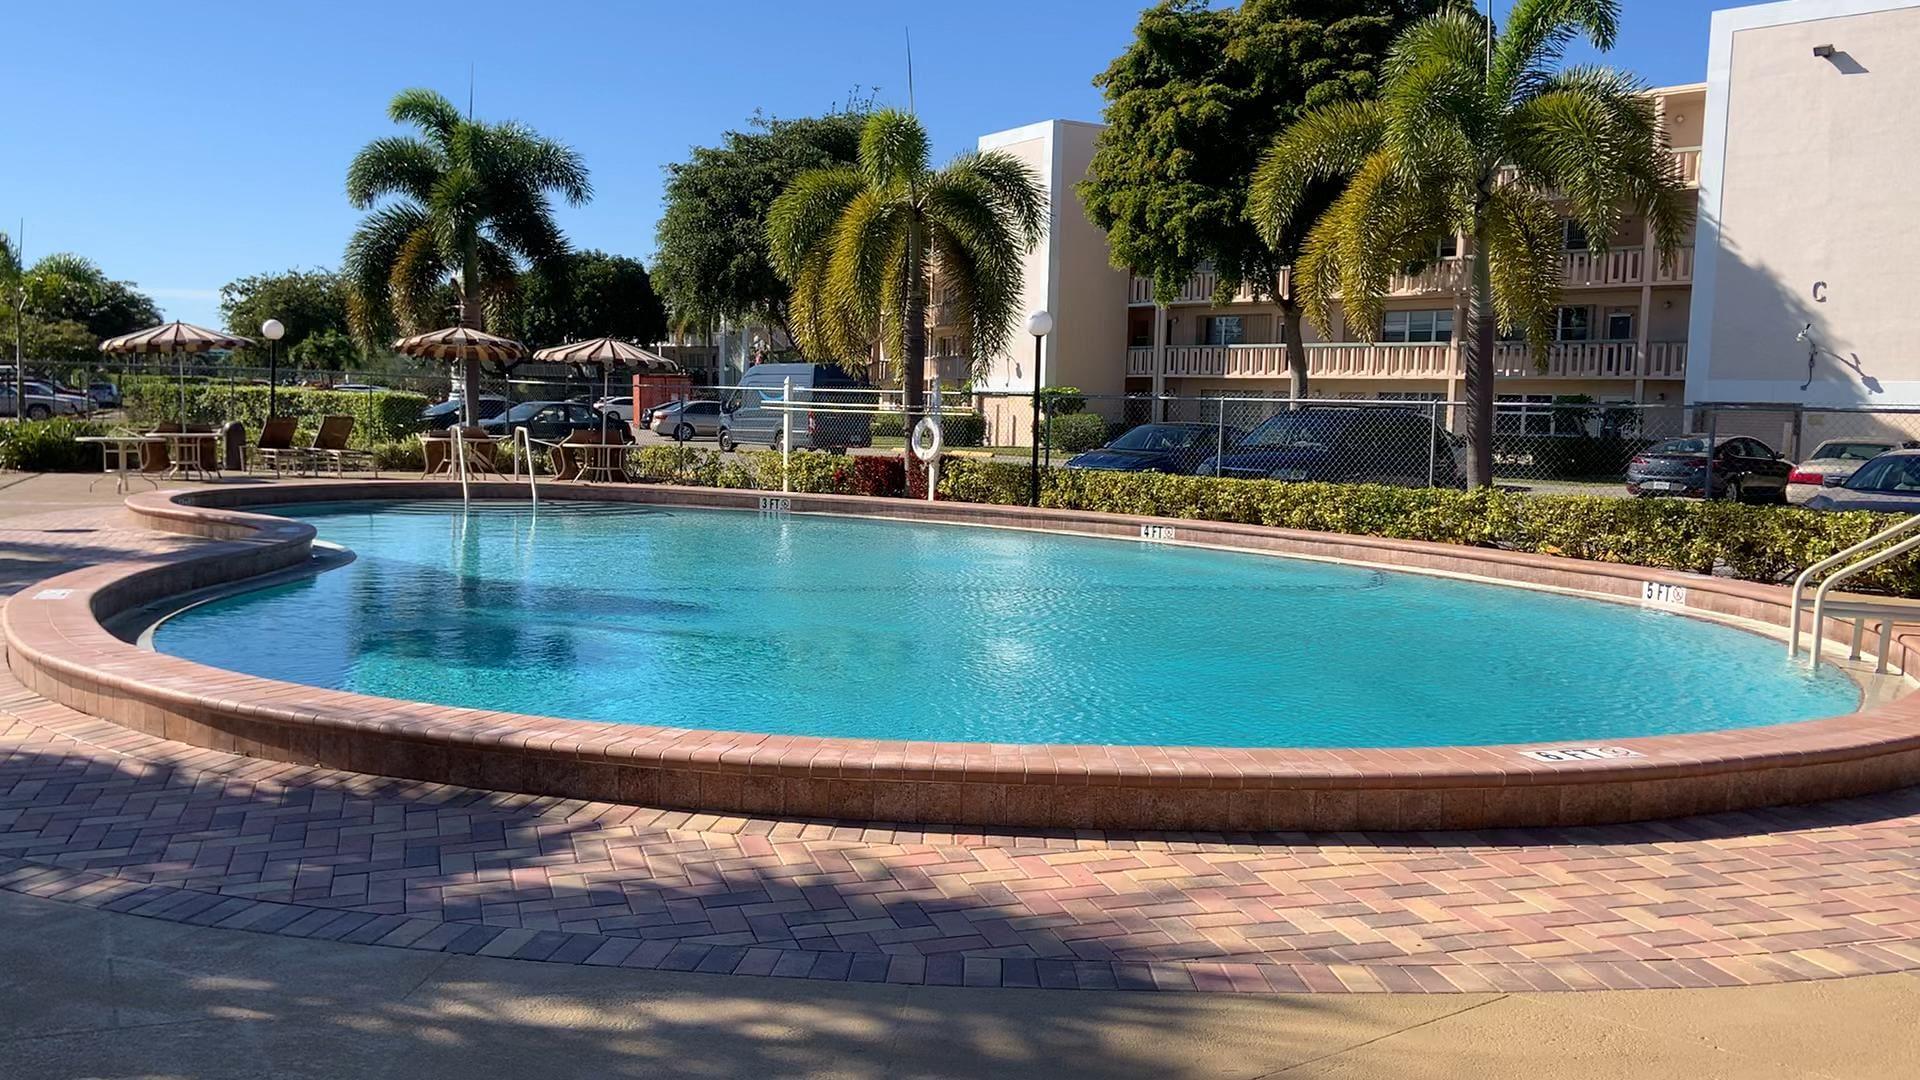 153 Southampton C, West Palm Beach, FL 33417 - #: RX-10687871